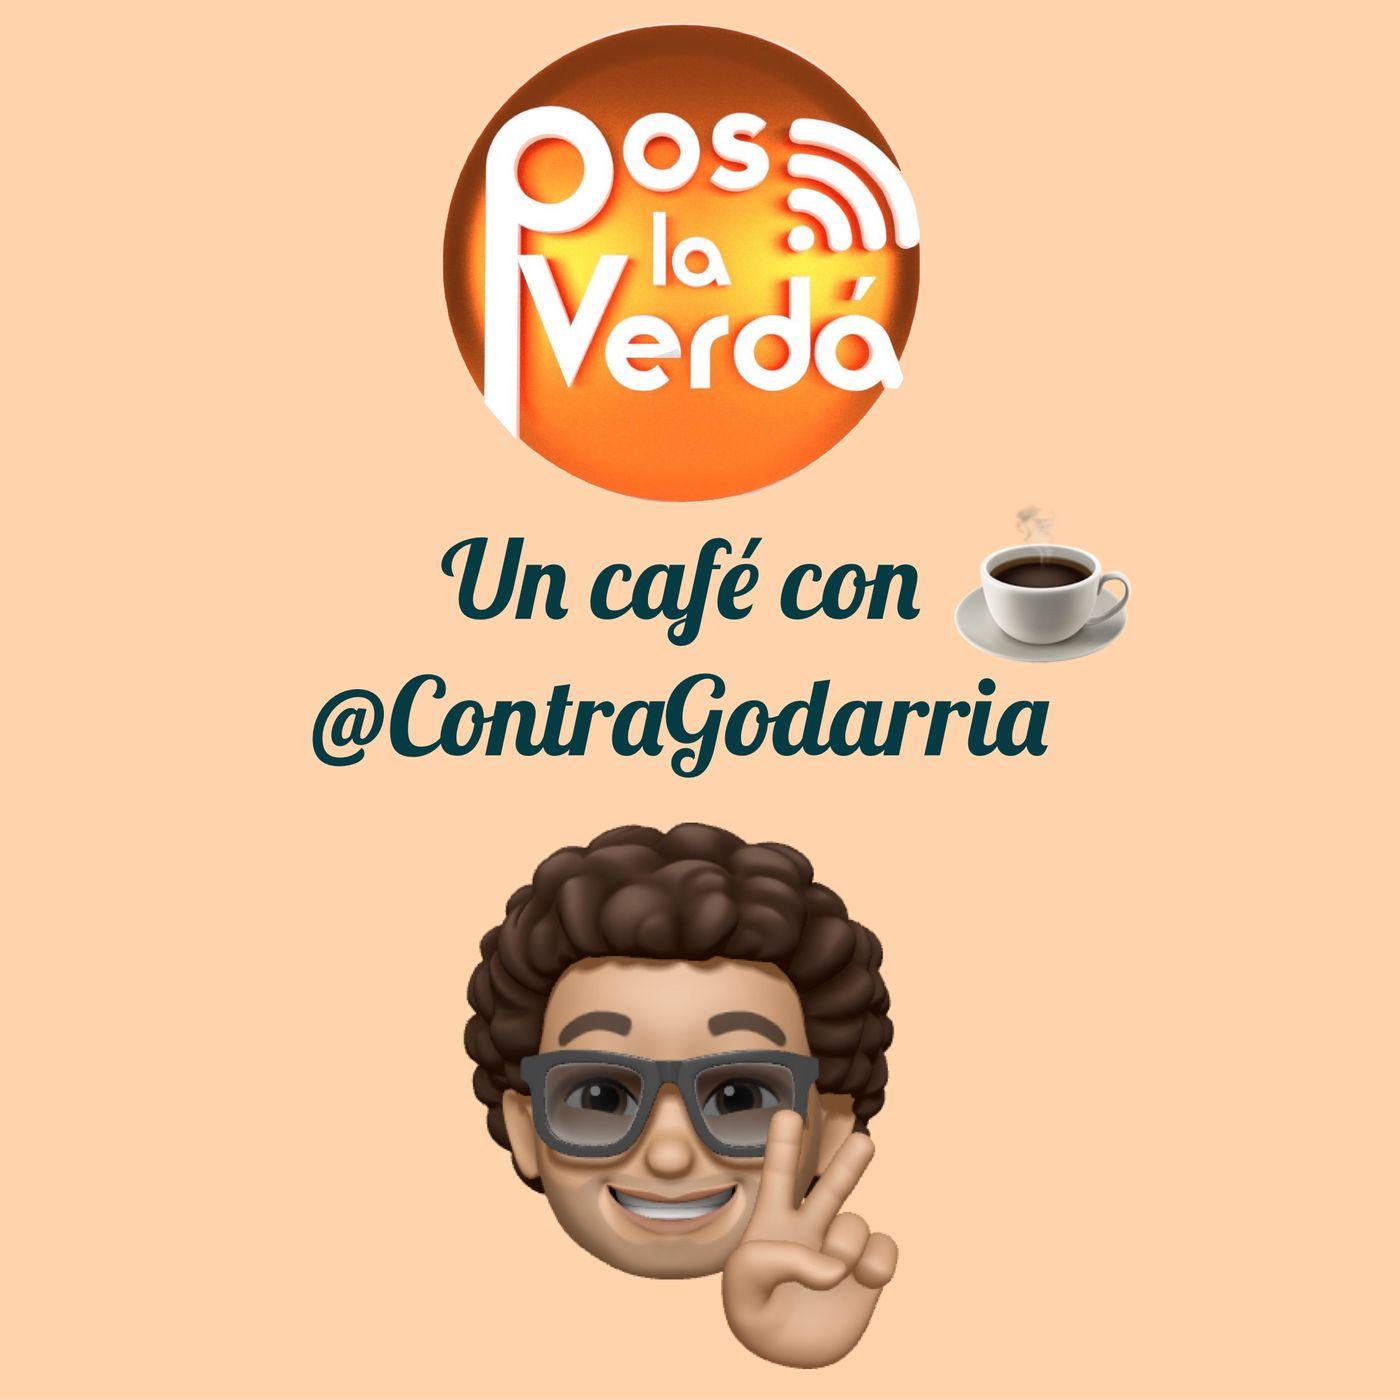 #PosLaVerda 21 de Octubre, un Cafe con @ContraGodarria e @Ivandacho